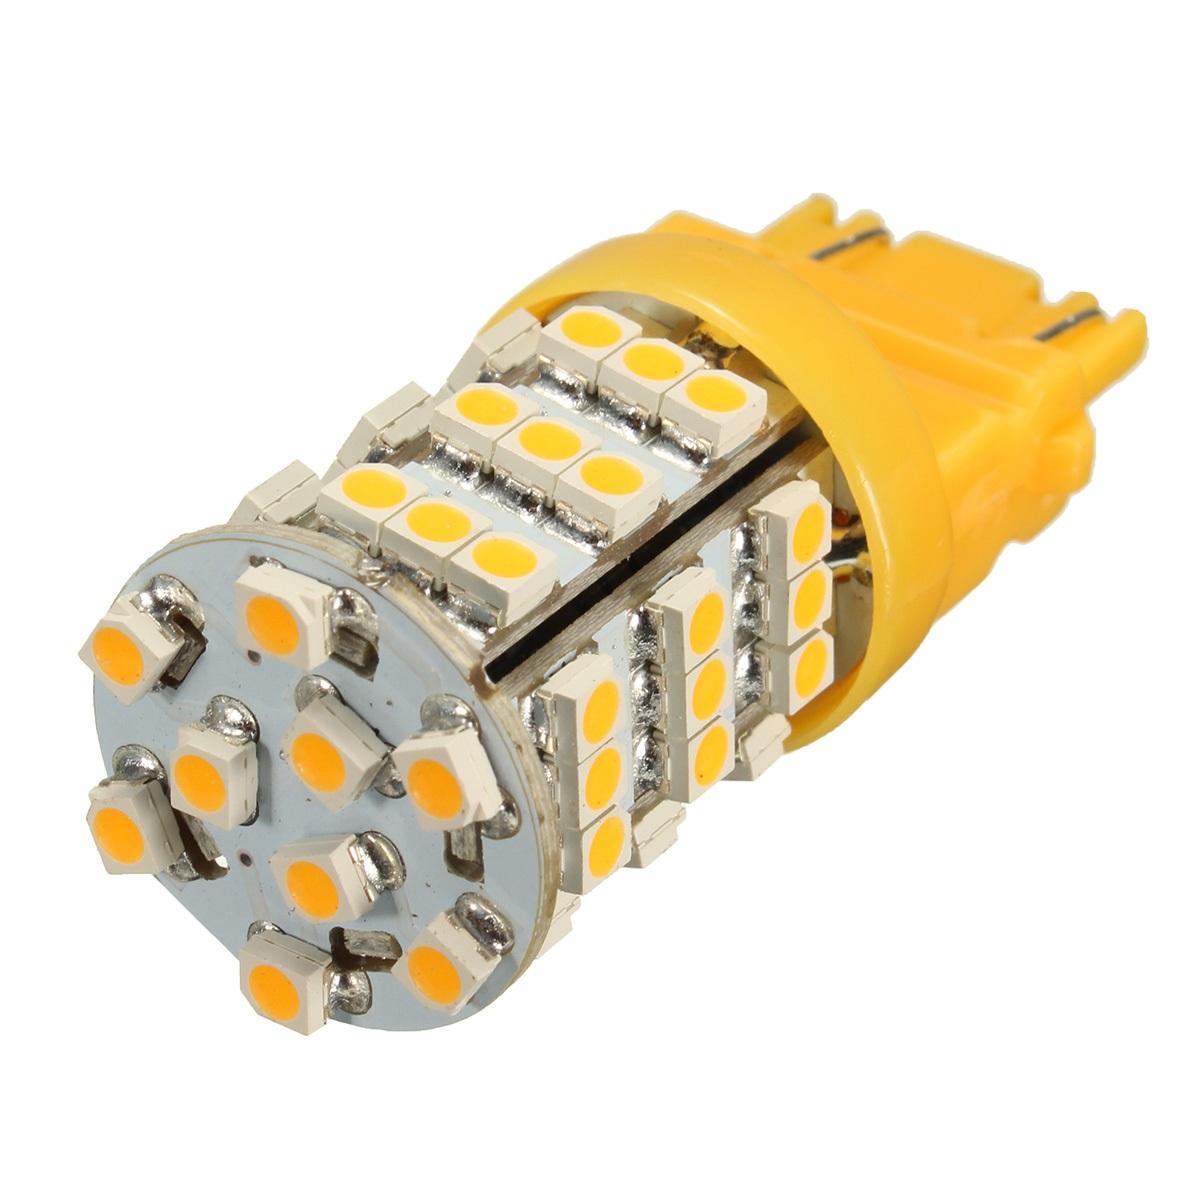 Universale 3157 ambrato 54smd giallo LED girare angolo lampeggiatore lampadina luce del segnale